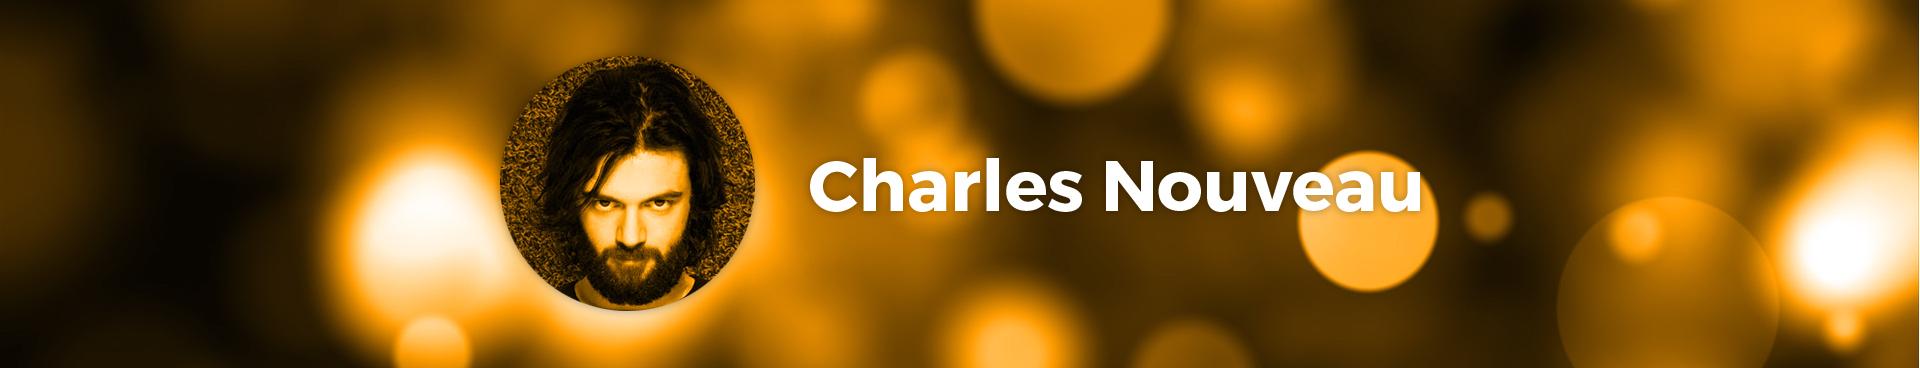 Charles Nouveau, artiste Le Spot du Rire